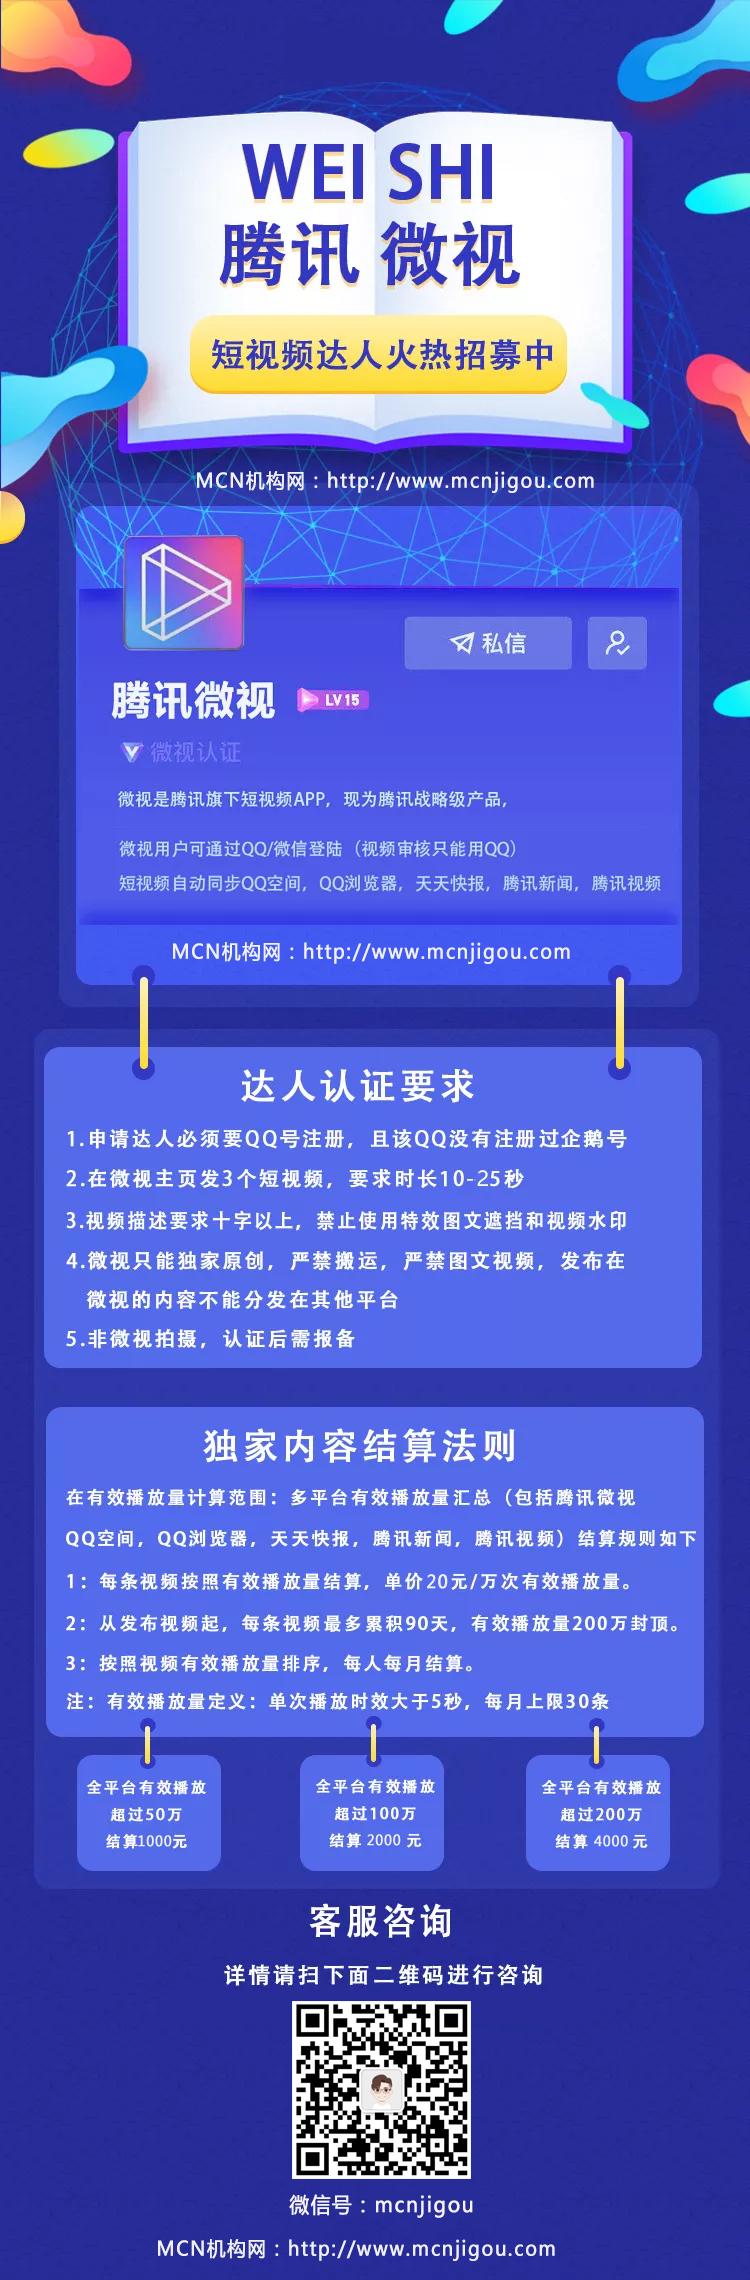 <a href='http://mcnjigou.com/?tags=2'>微视</a>达人是什么?加入<a href='http://mcnjigou.com/?tags=2'>微视</a>达人有什么好处?